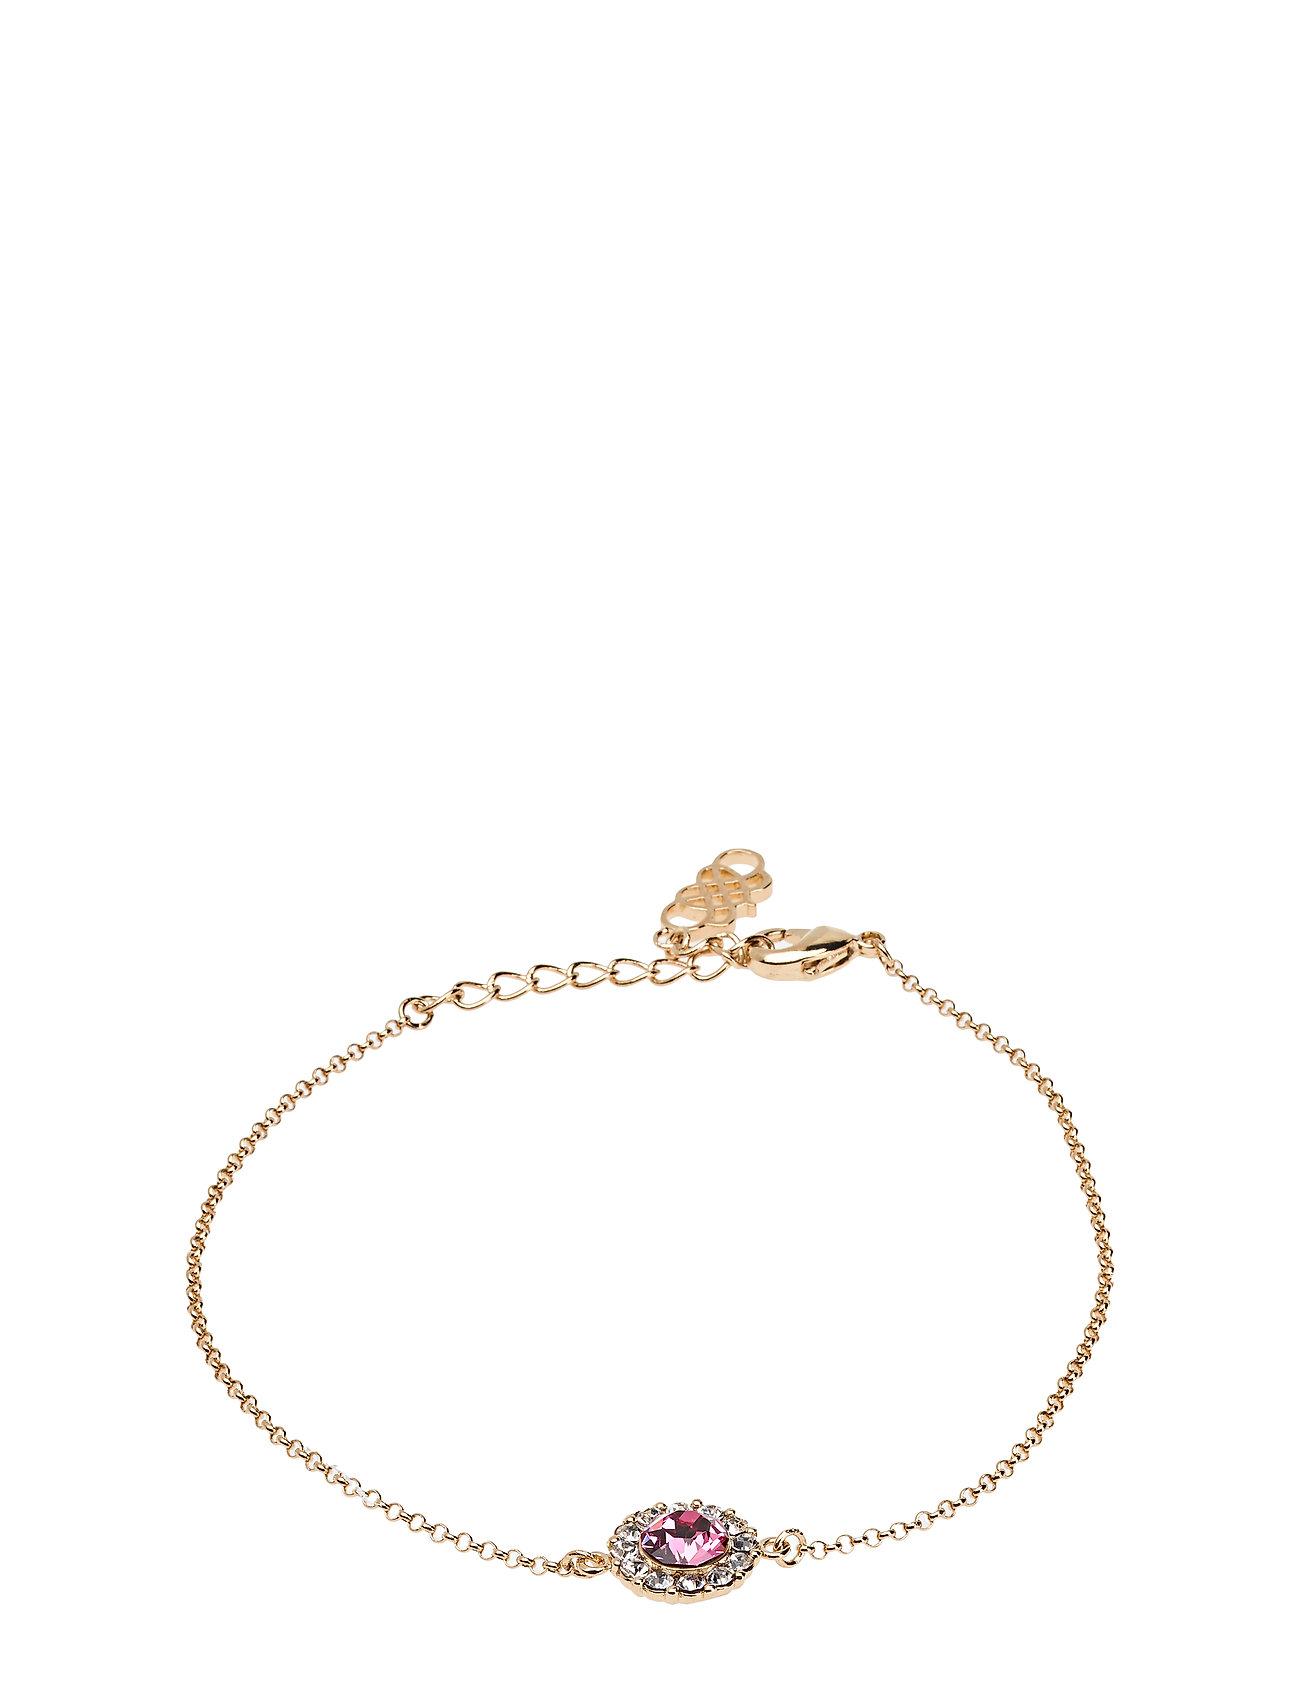 Image of Celeste Bracelet - Rose Accessories Jewellery Bracelets Chain Bracelets Lyserød LILY AND ROSE (3364041701)